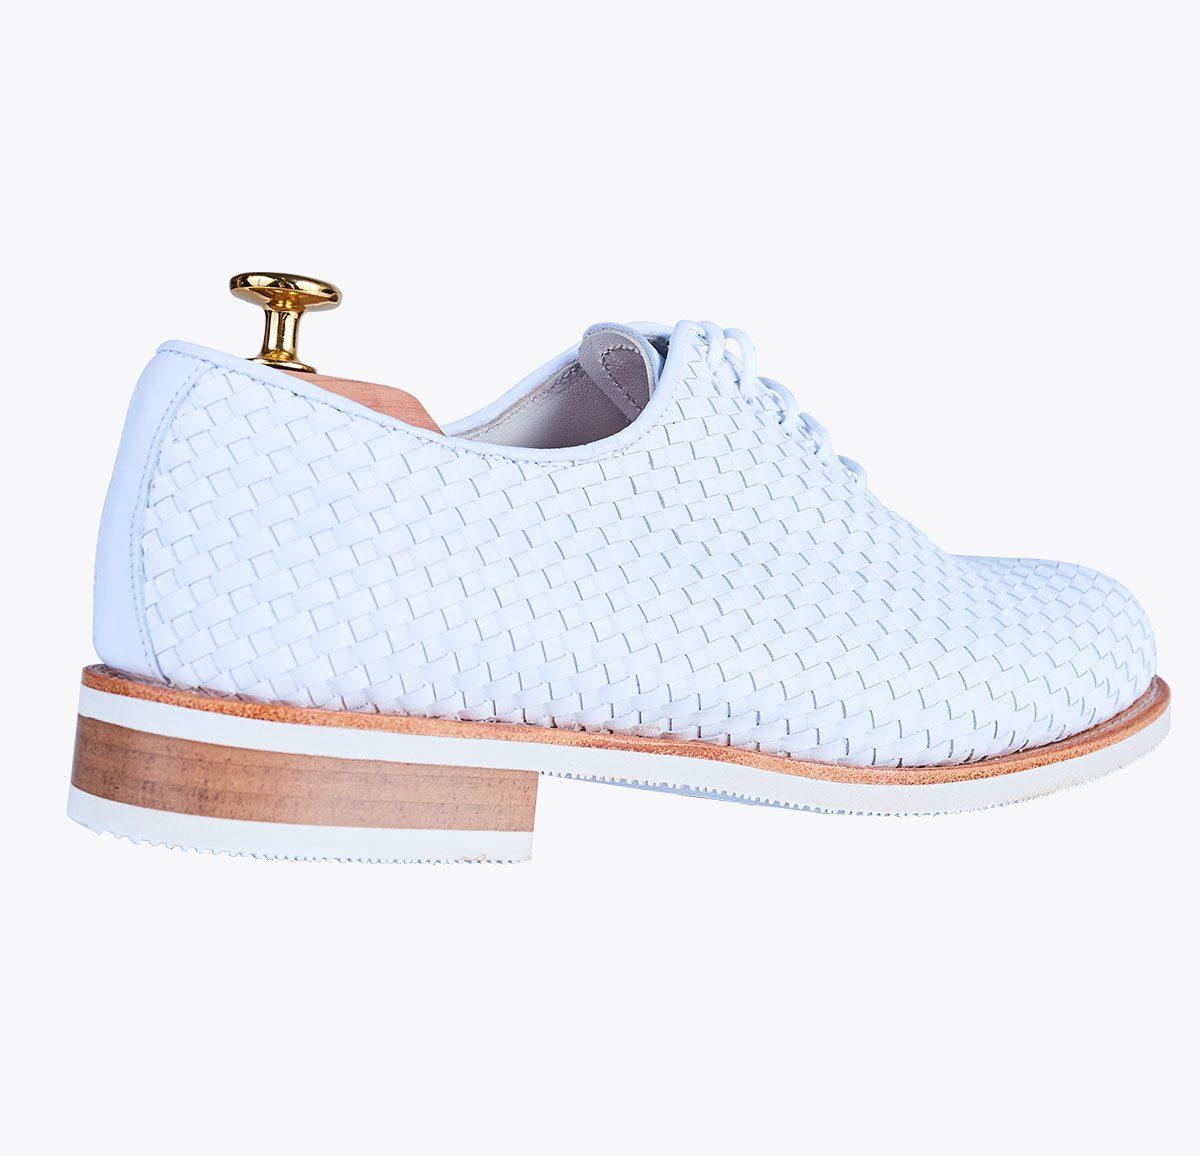 Zapato trenzado blanco mandalashoes Santanyí Mallorca